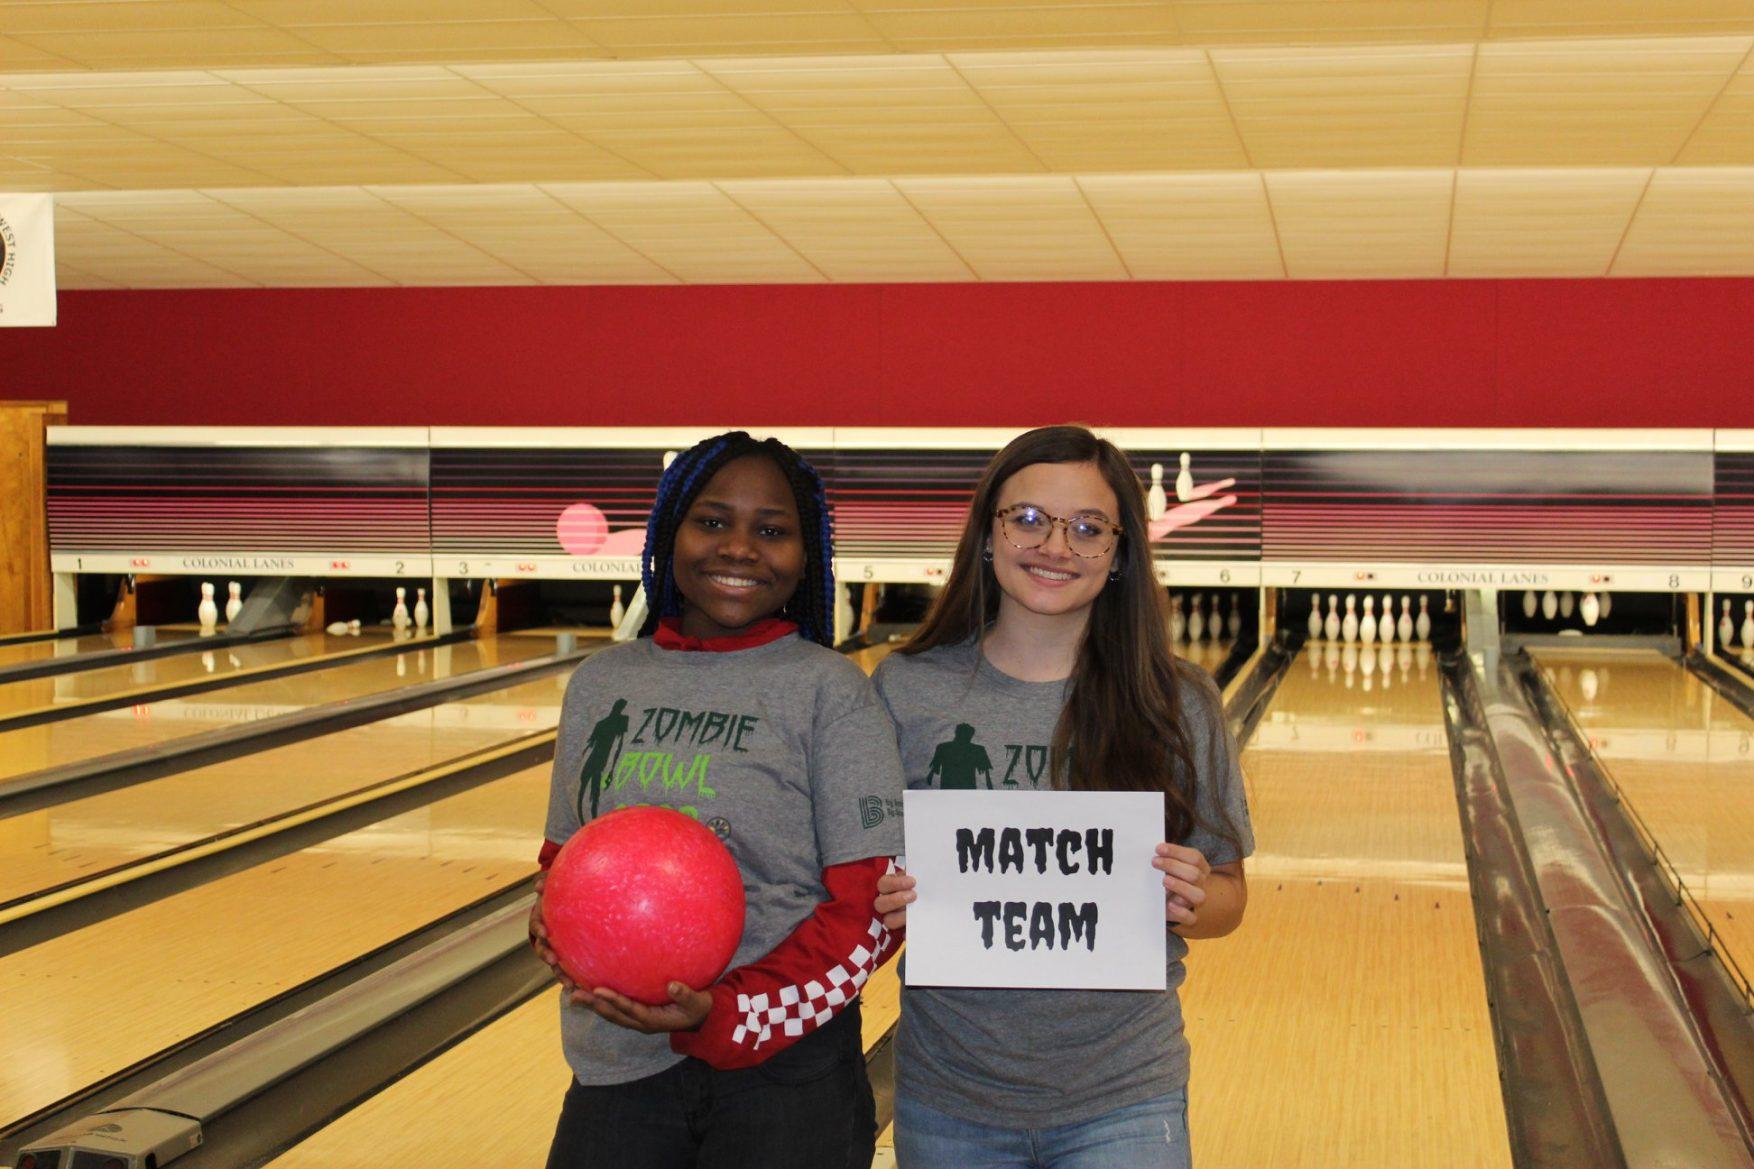 A Big & Little enjoy bowling together at Bowl For Kids' Sake 2020.